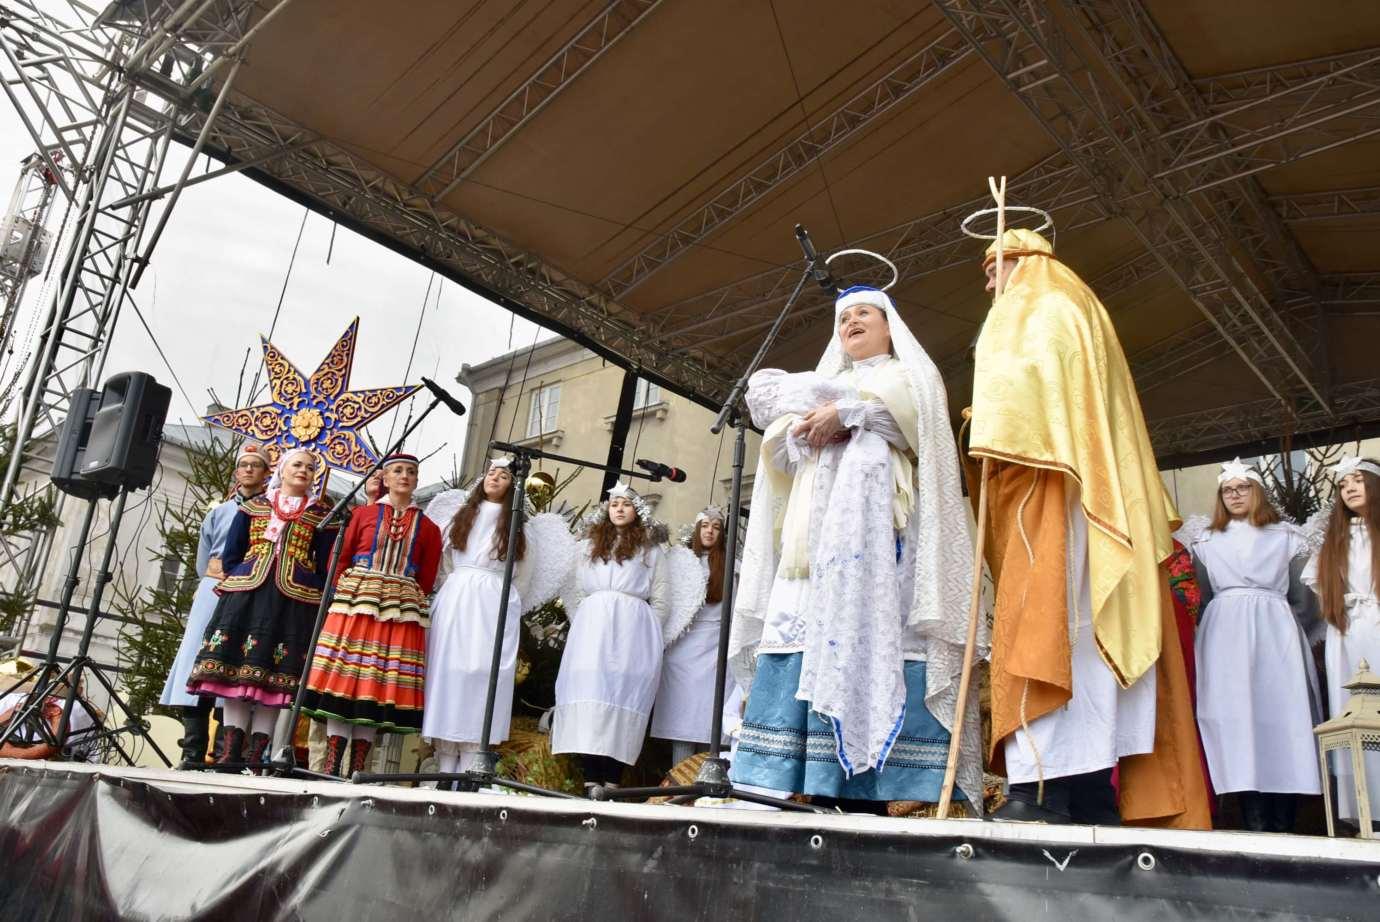 dsc 2462 Rekordowy VI Orszak Trzech Króli w Zamościu -